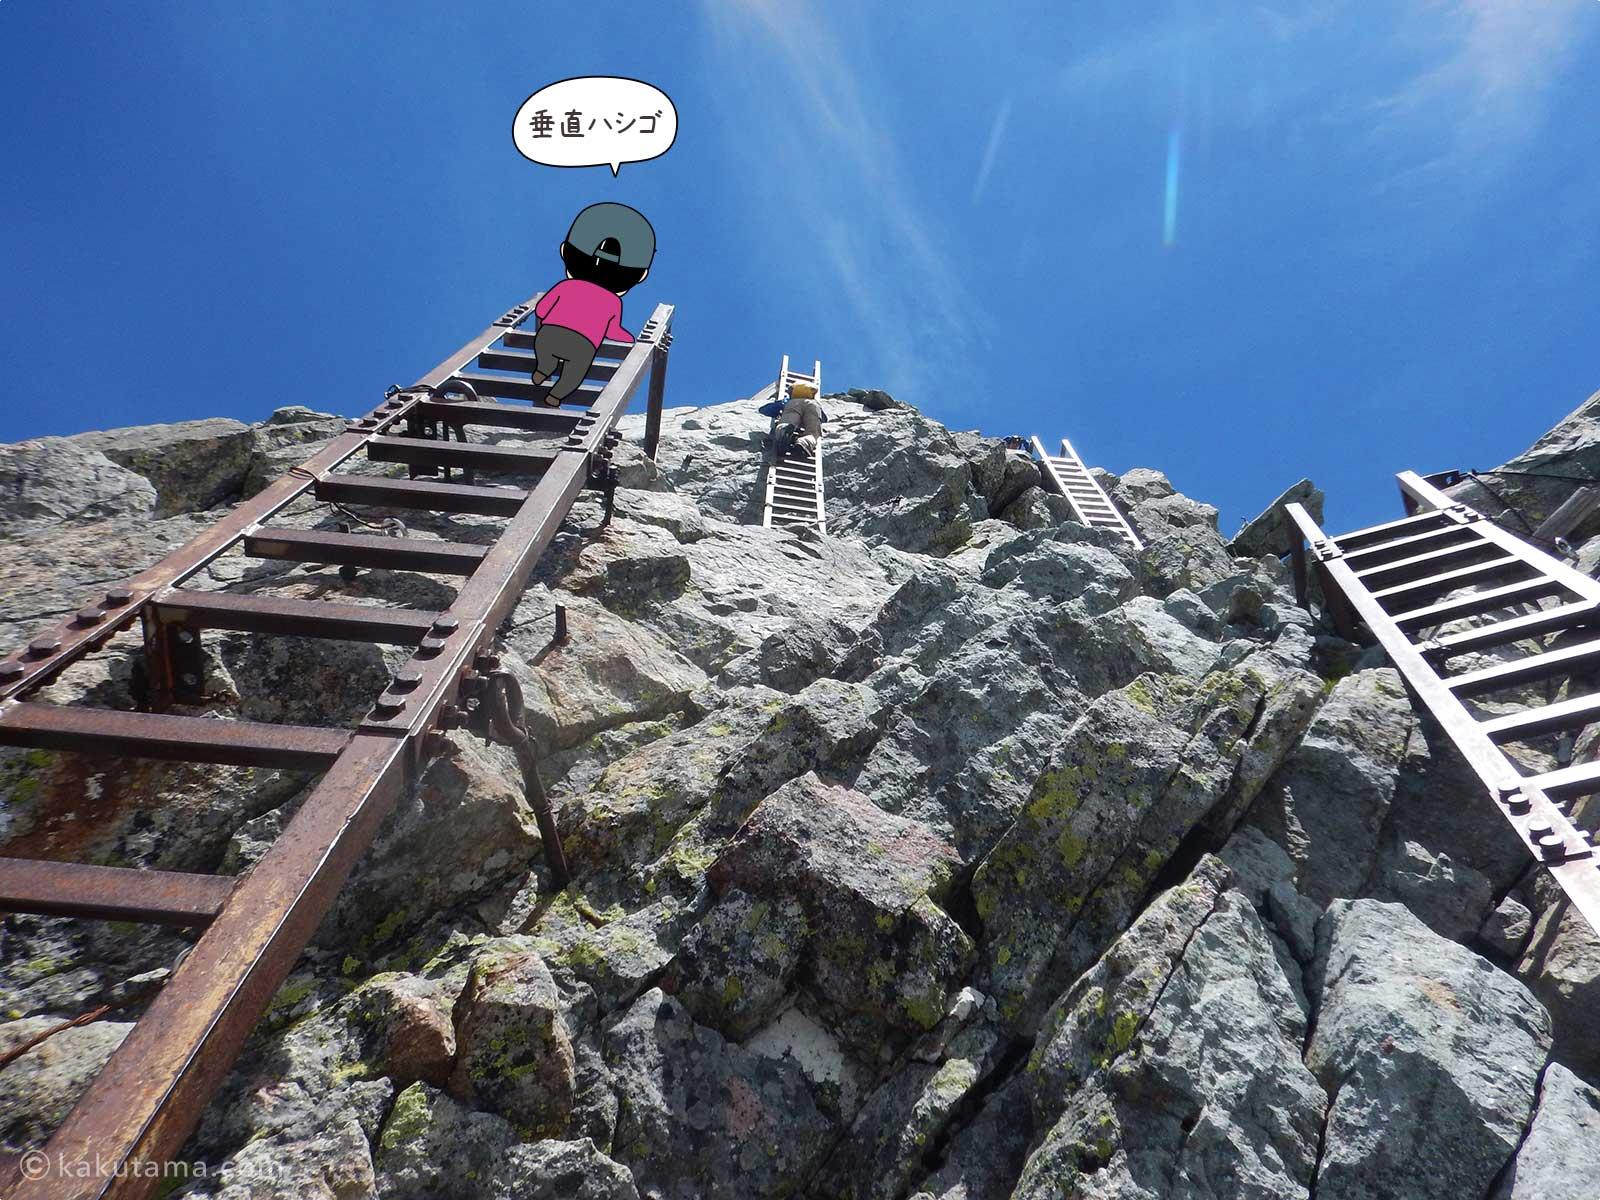 槍ヶ岳最後の垂直のハシゴを登る